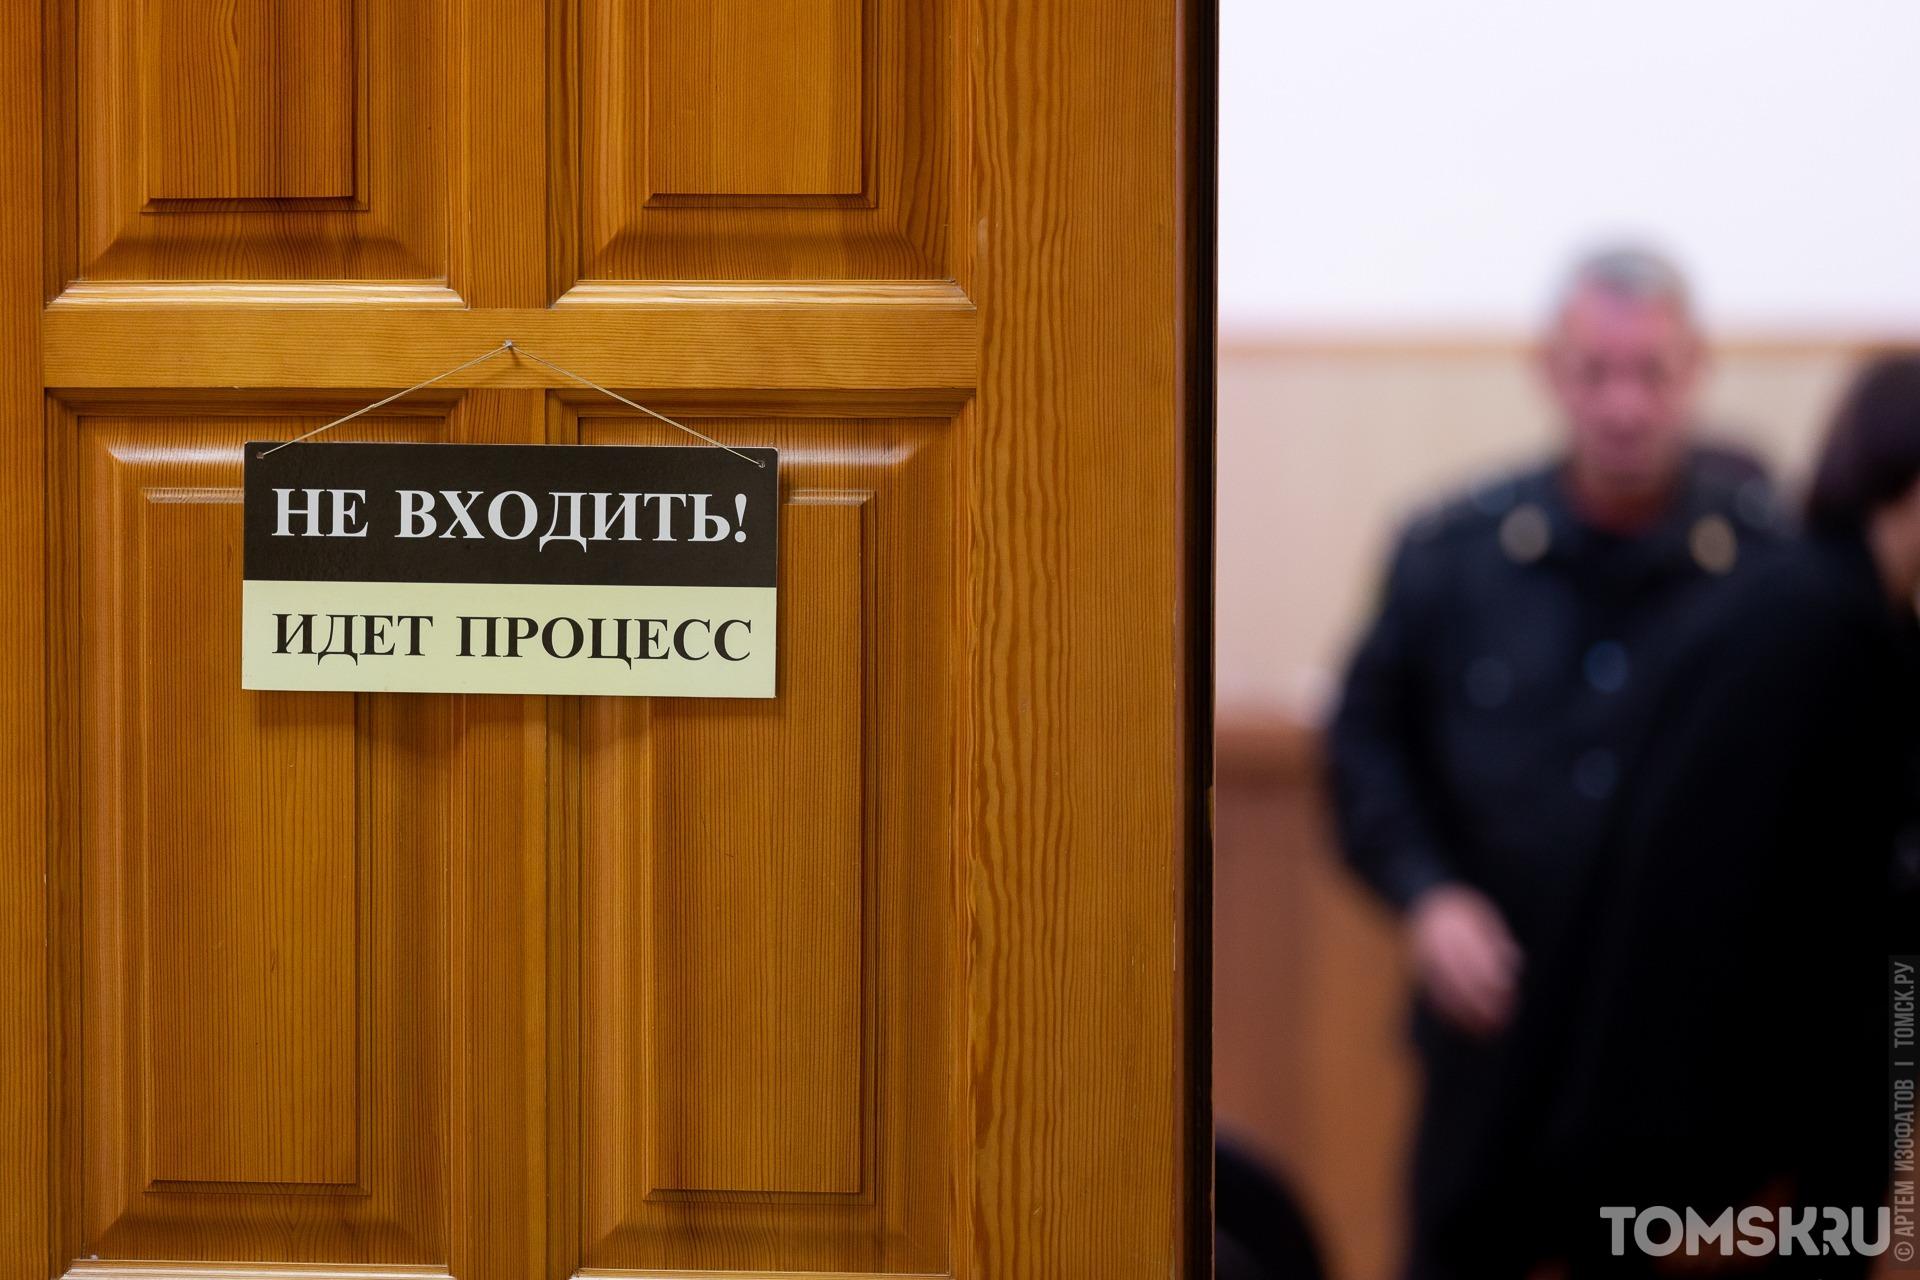 Таксист из Северска собирал деньги для мошенника из Новосибирска